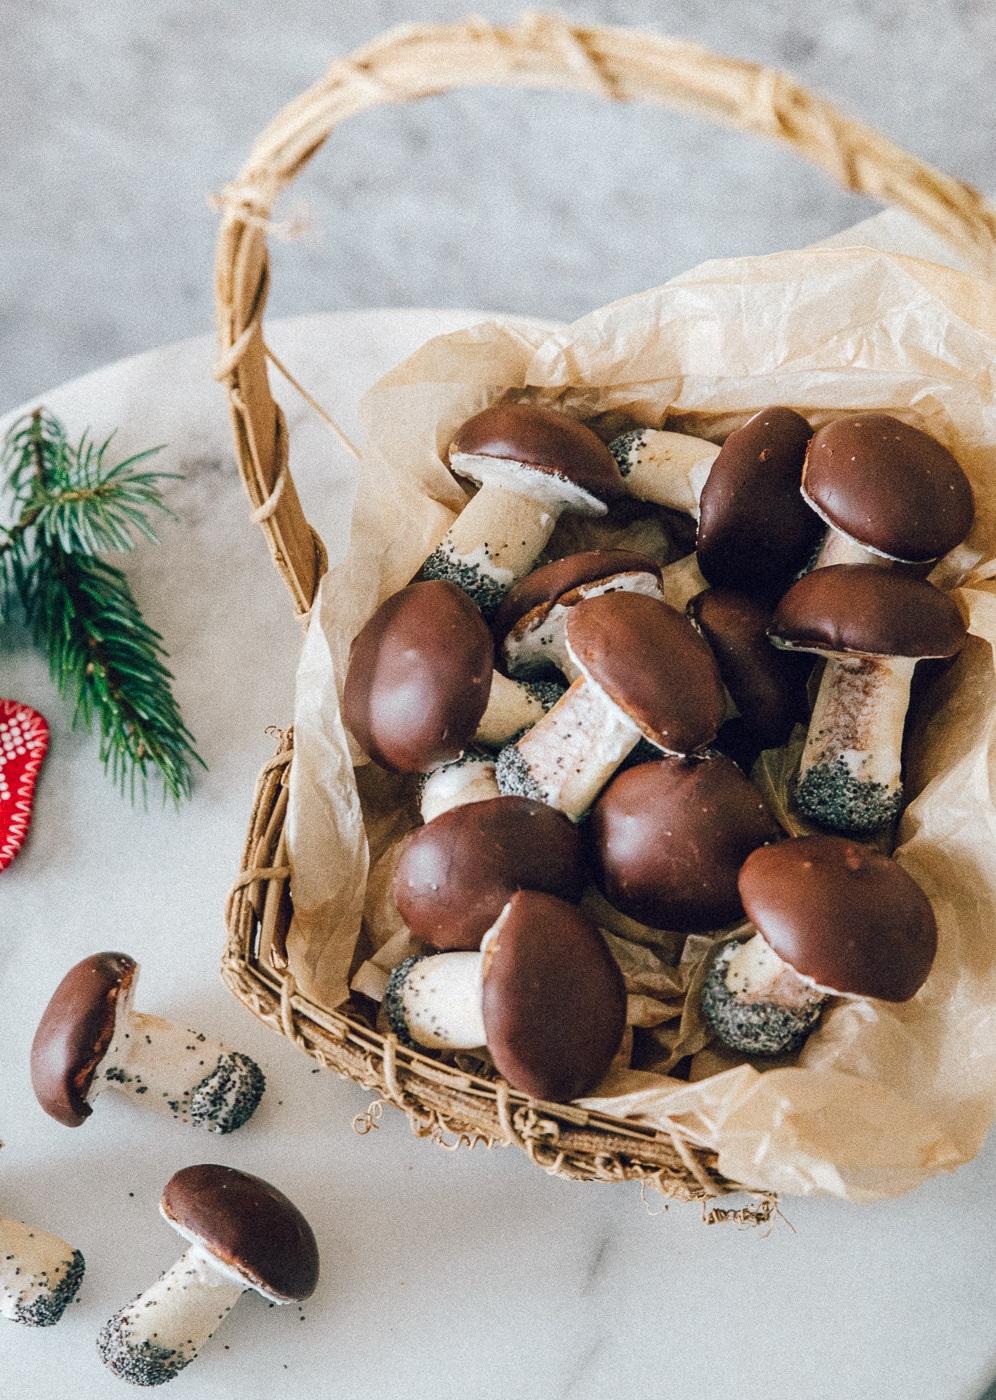 svampe småkager, champignon cookies, hyggeprojekt, hjemmebag